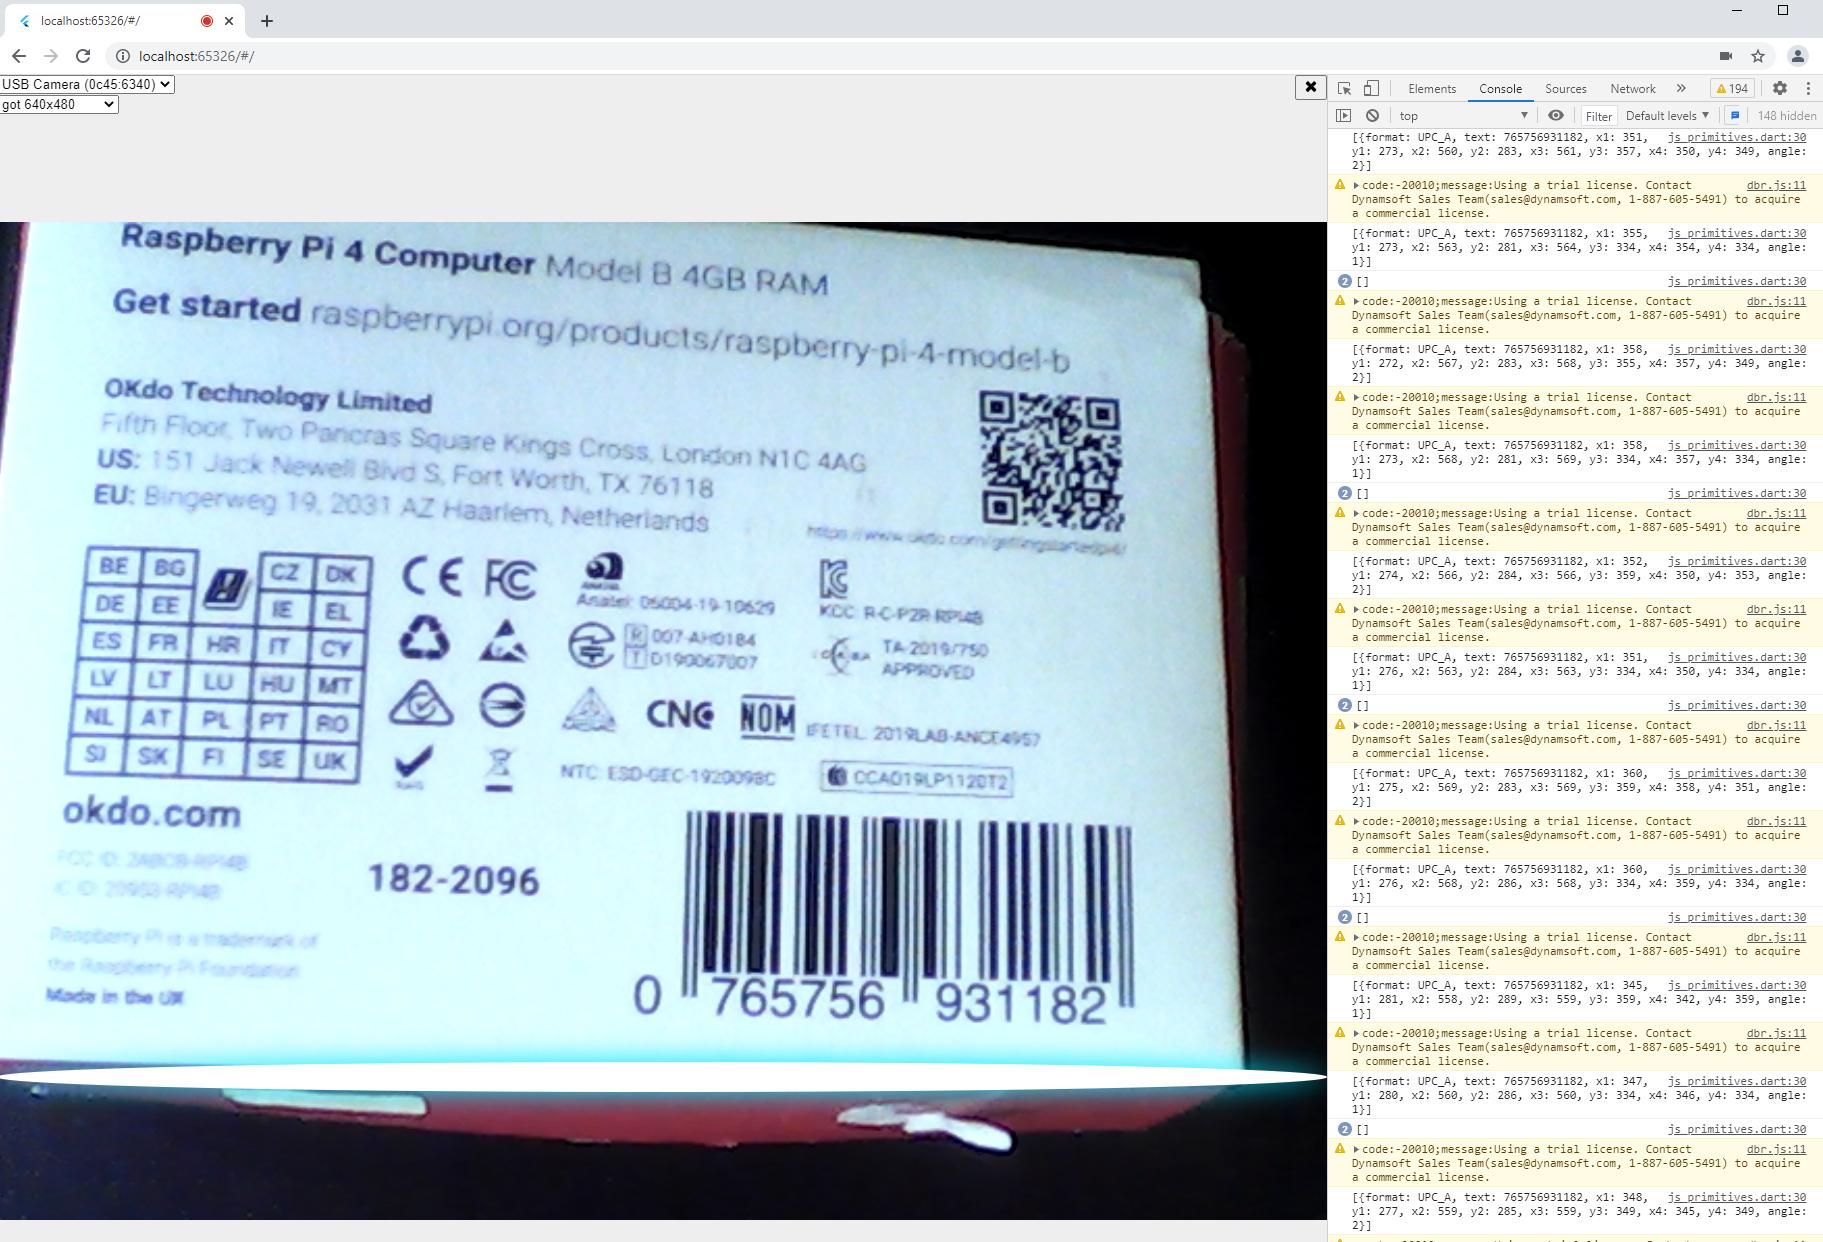 flutter web barcode scanner